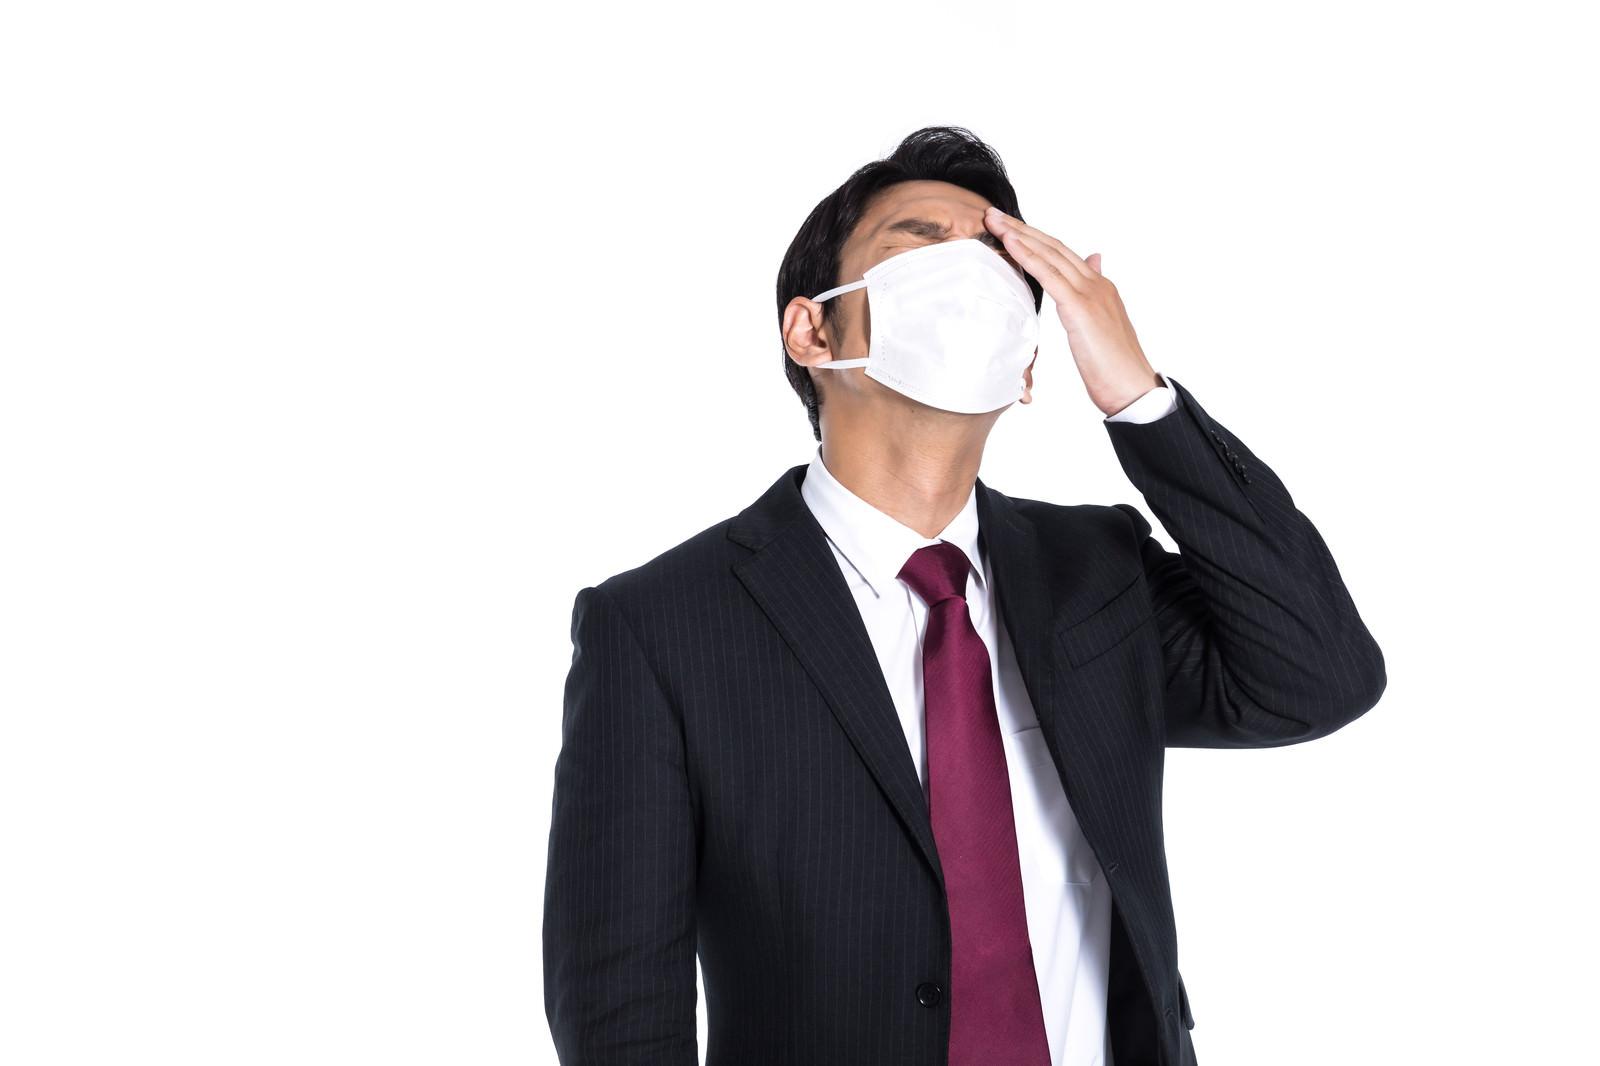 「咳は出るし頭も痛くなってきた会社員」の写真[モデル:大川竜弥]